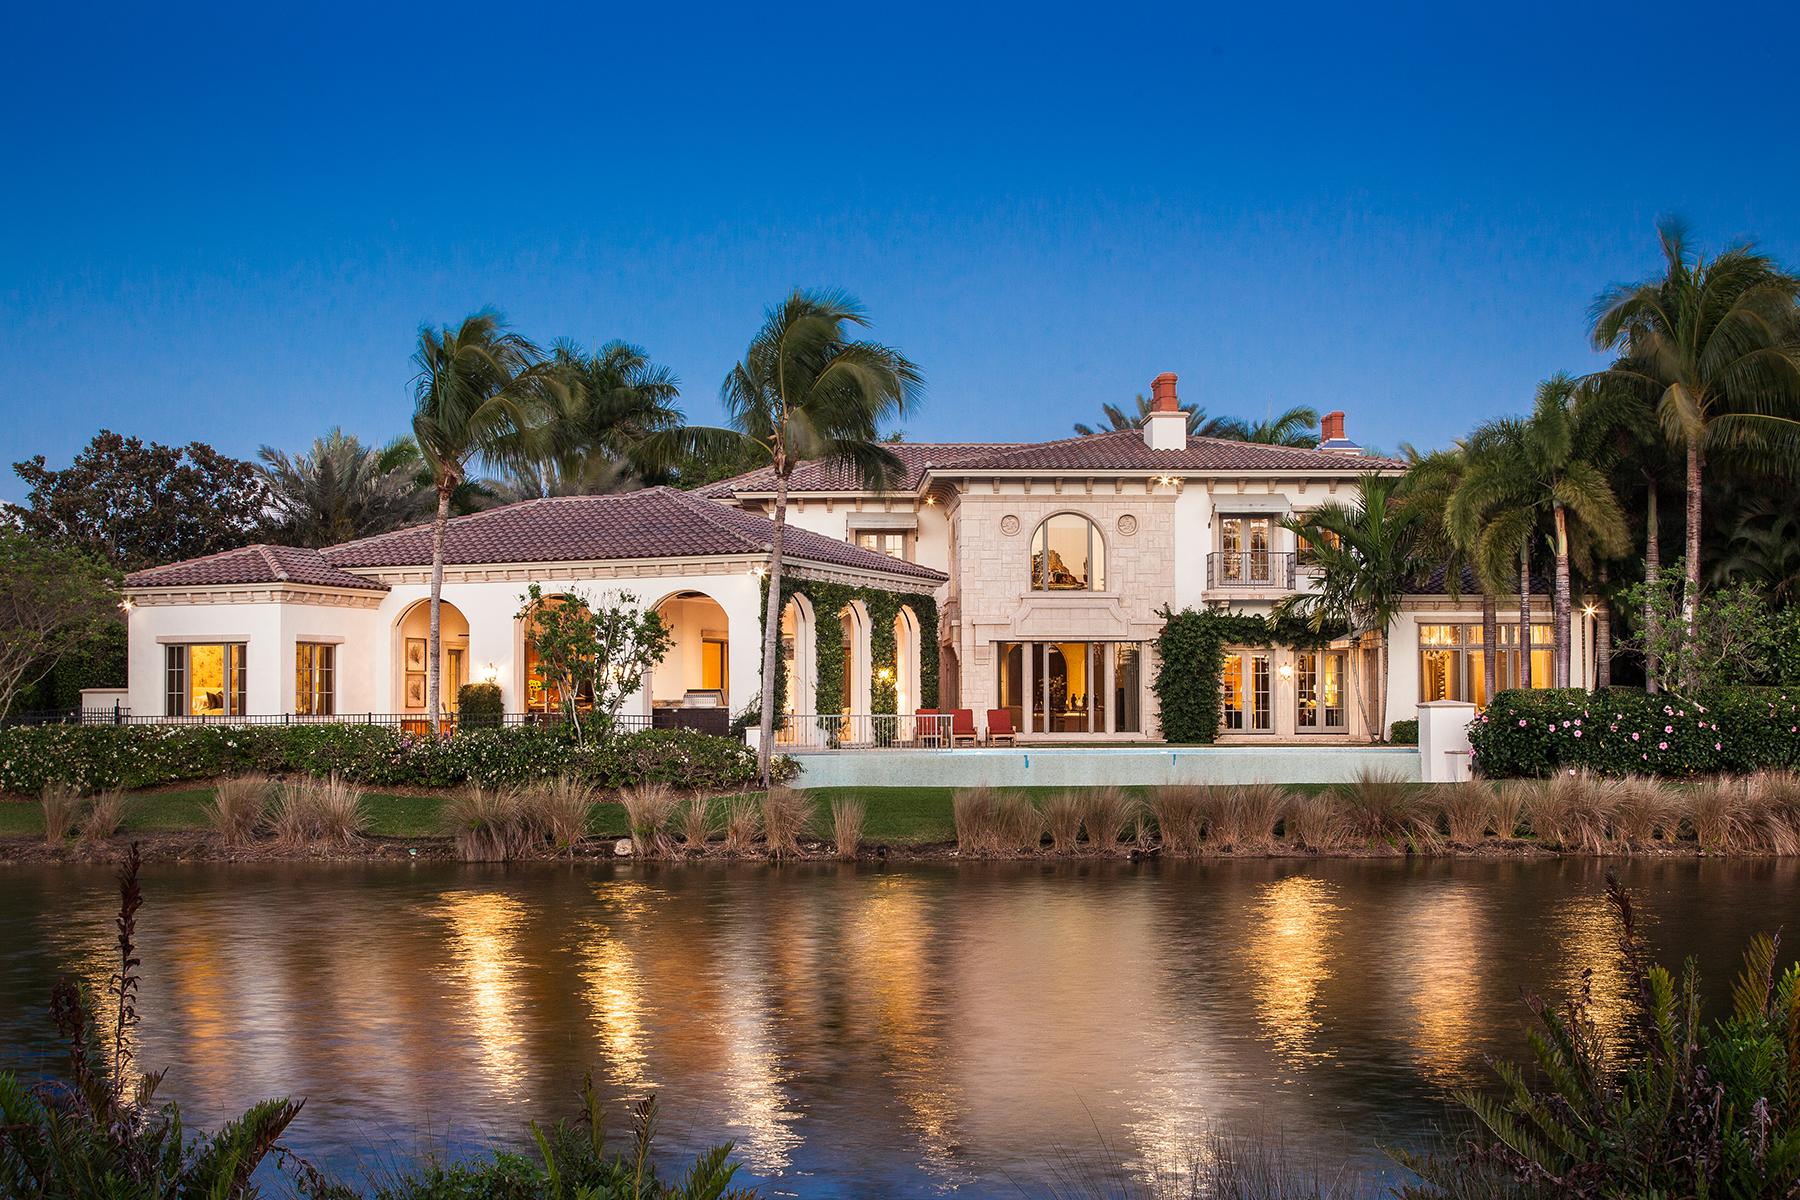 Villa per Vendita alle ore 1395 Great Egret Trl , Naples, FL 34105 1395 Great Egret Trl Naples, Florida, 34105 Stati Uniti